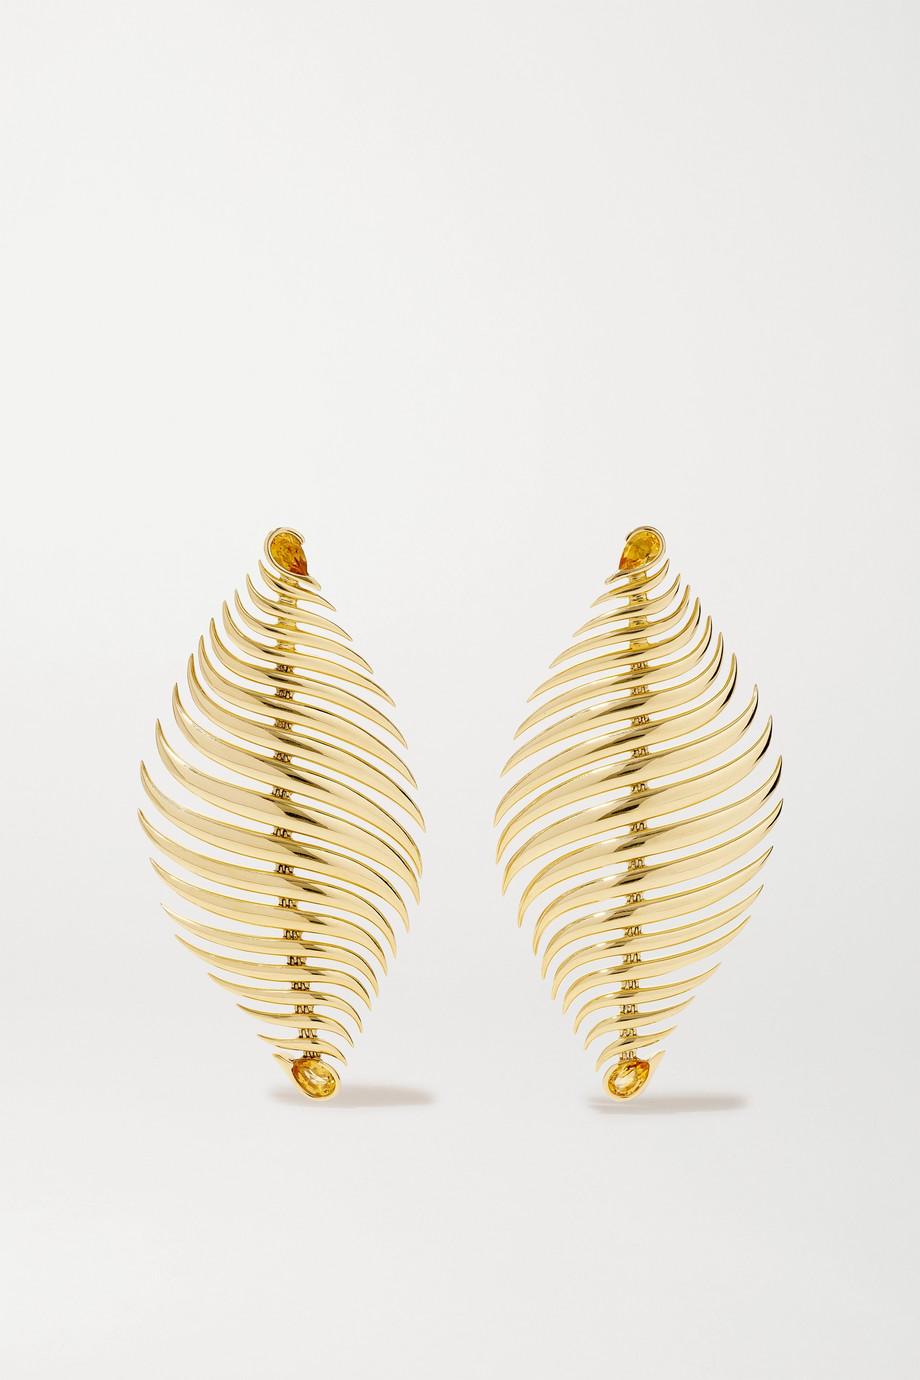 Fernando Jorge Blaze Ohrringe aus 18 Karat Gold mit Citrinen